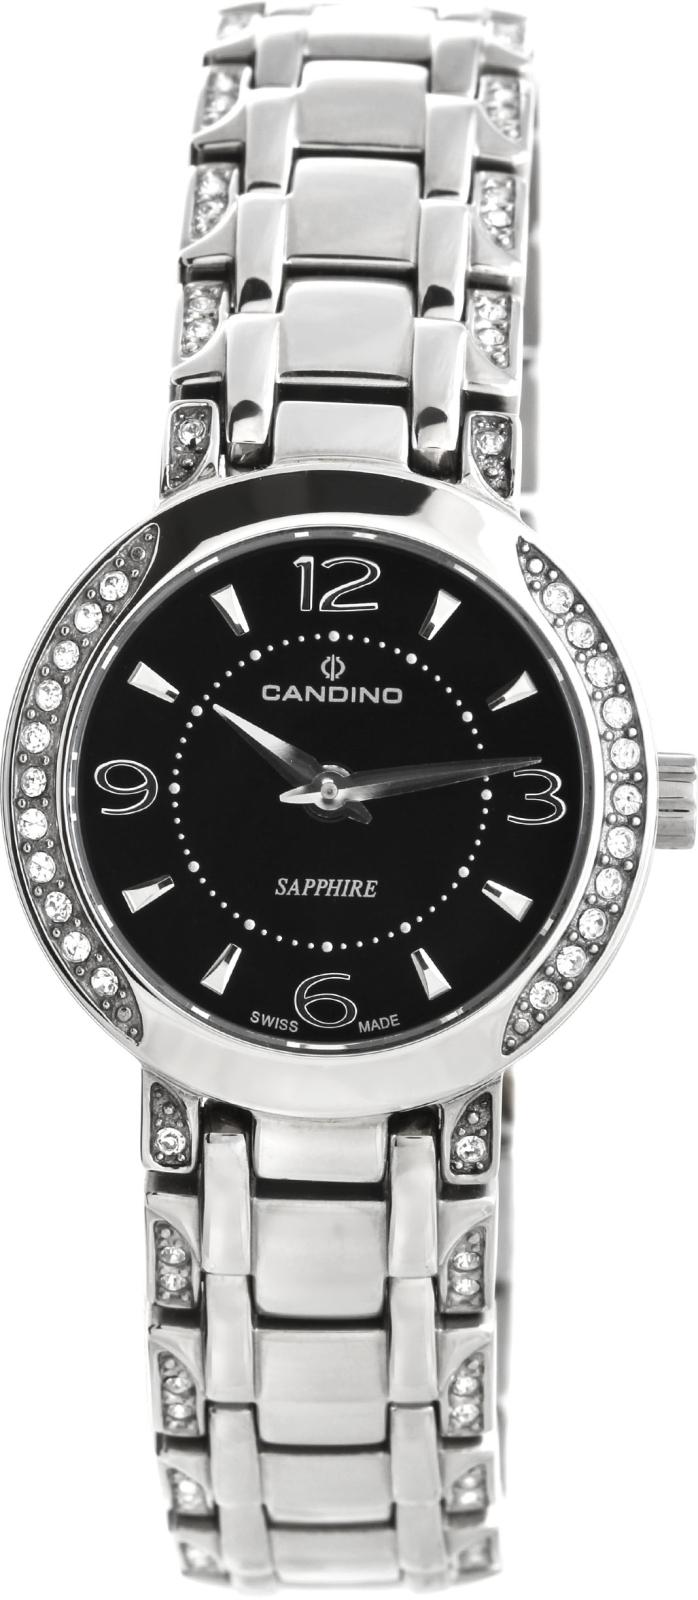 Candino Elegance C4502/2Наручные часы<br>Швейцарские часы Candino Elegance C4502/2Часы принадежат коллекции Elegance. Это женские часы. Материал корпуса часов — сталь. Стекло - сапфировое. Часы выдерживают давление на глубине 50 м. Цвет циферблата - черный. Циферблат содержит часы, минуты. Корпус часов в диаметре 26мм.<br><br>Пол: Женские<br>Страна-производитель: Швейцария<br>Механизм: Кварцевый<br>Материал корпуса: Сталь<br>Материал ремня/браслета: Сталь<br>Водозащита, диапазон: 20 - 100 м<br>Стекло: Сапфировое<br>Толщина корпуса: None<br>Стиль: Классика